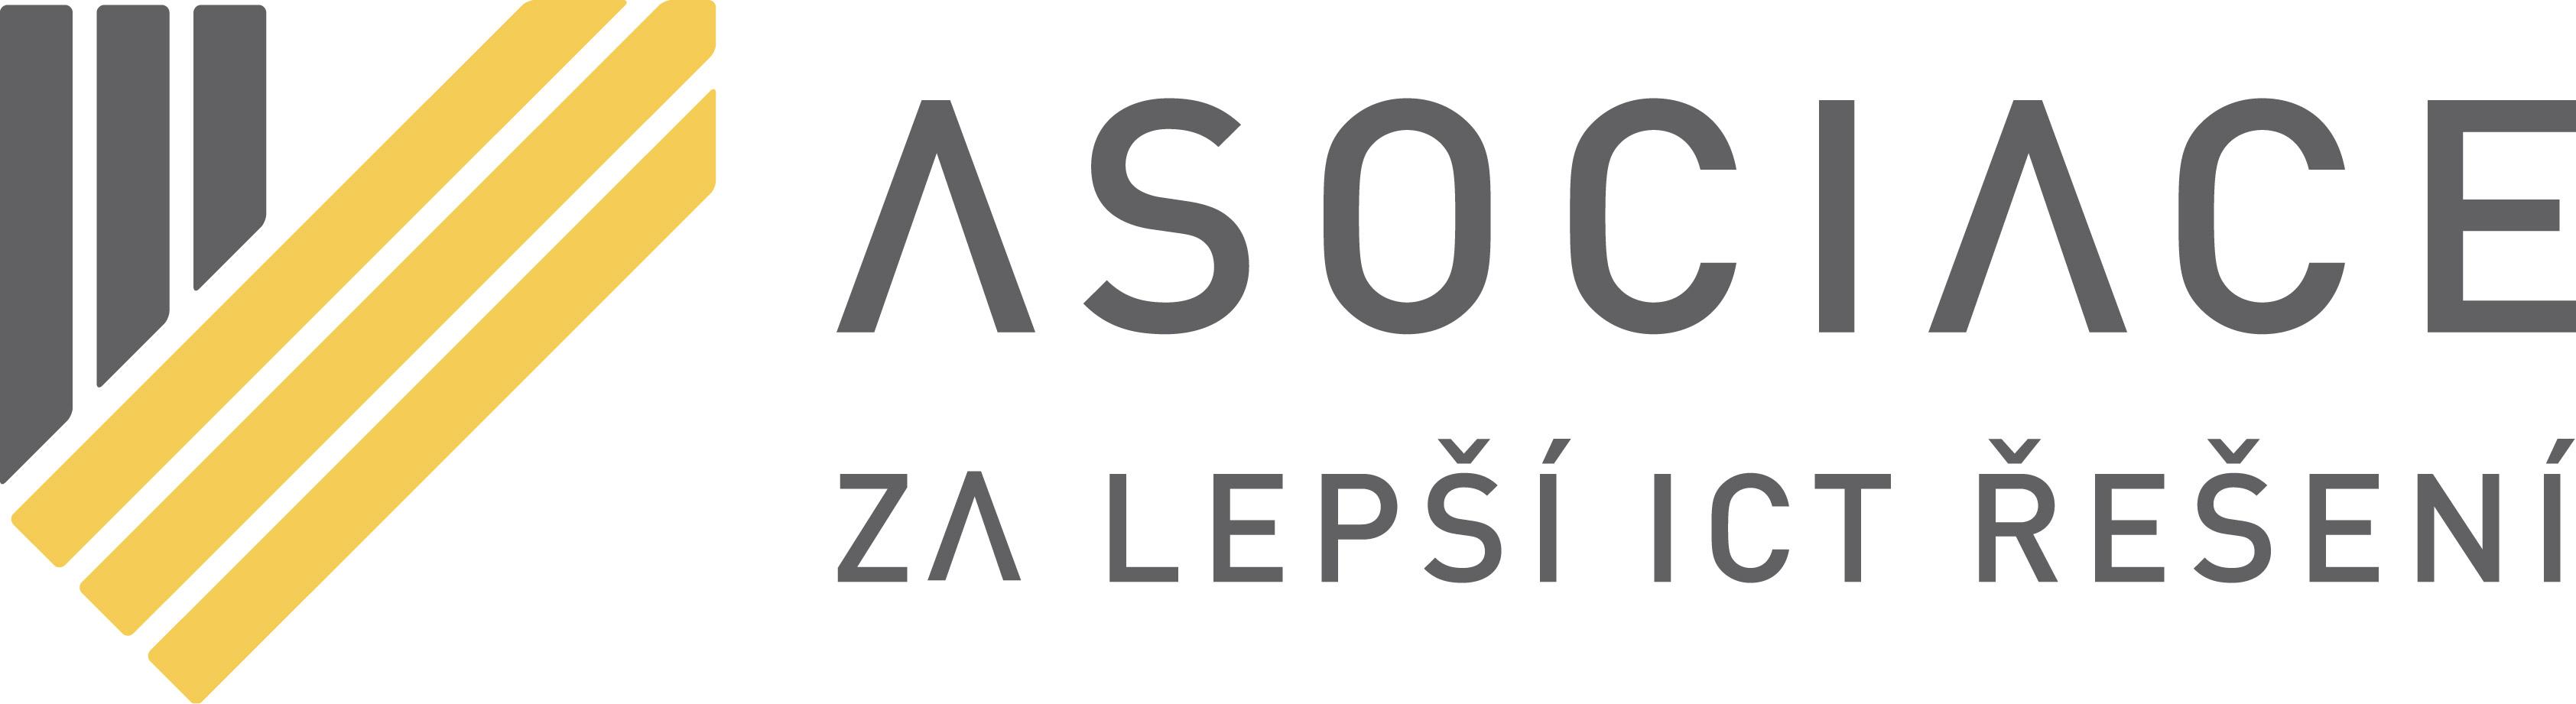 Asociace logo highres